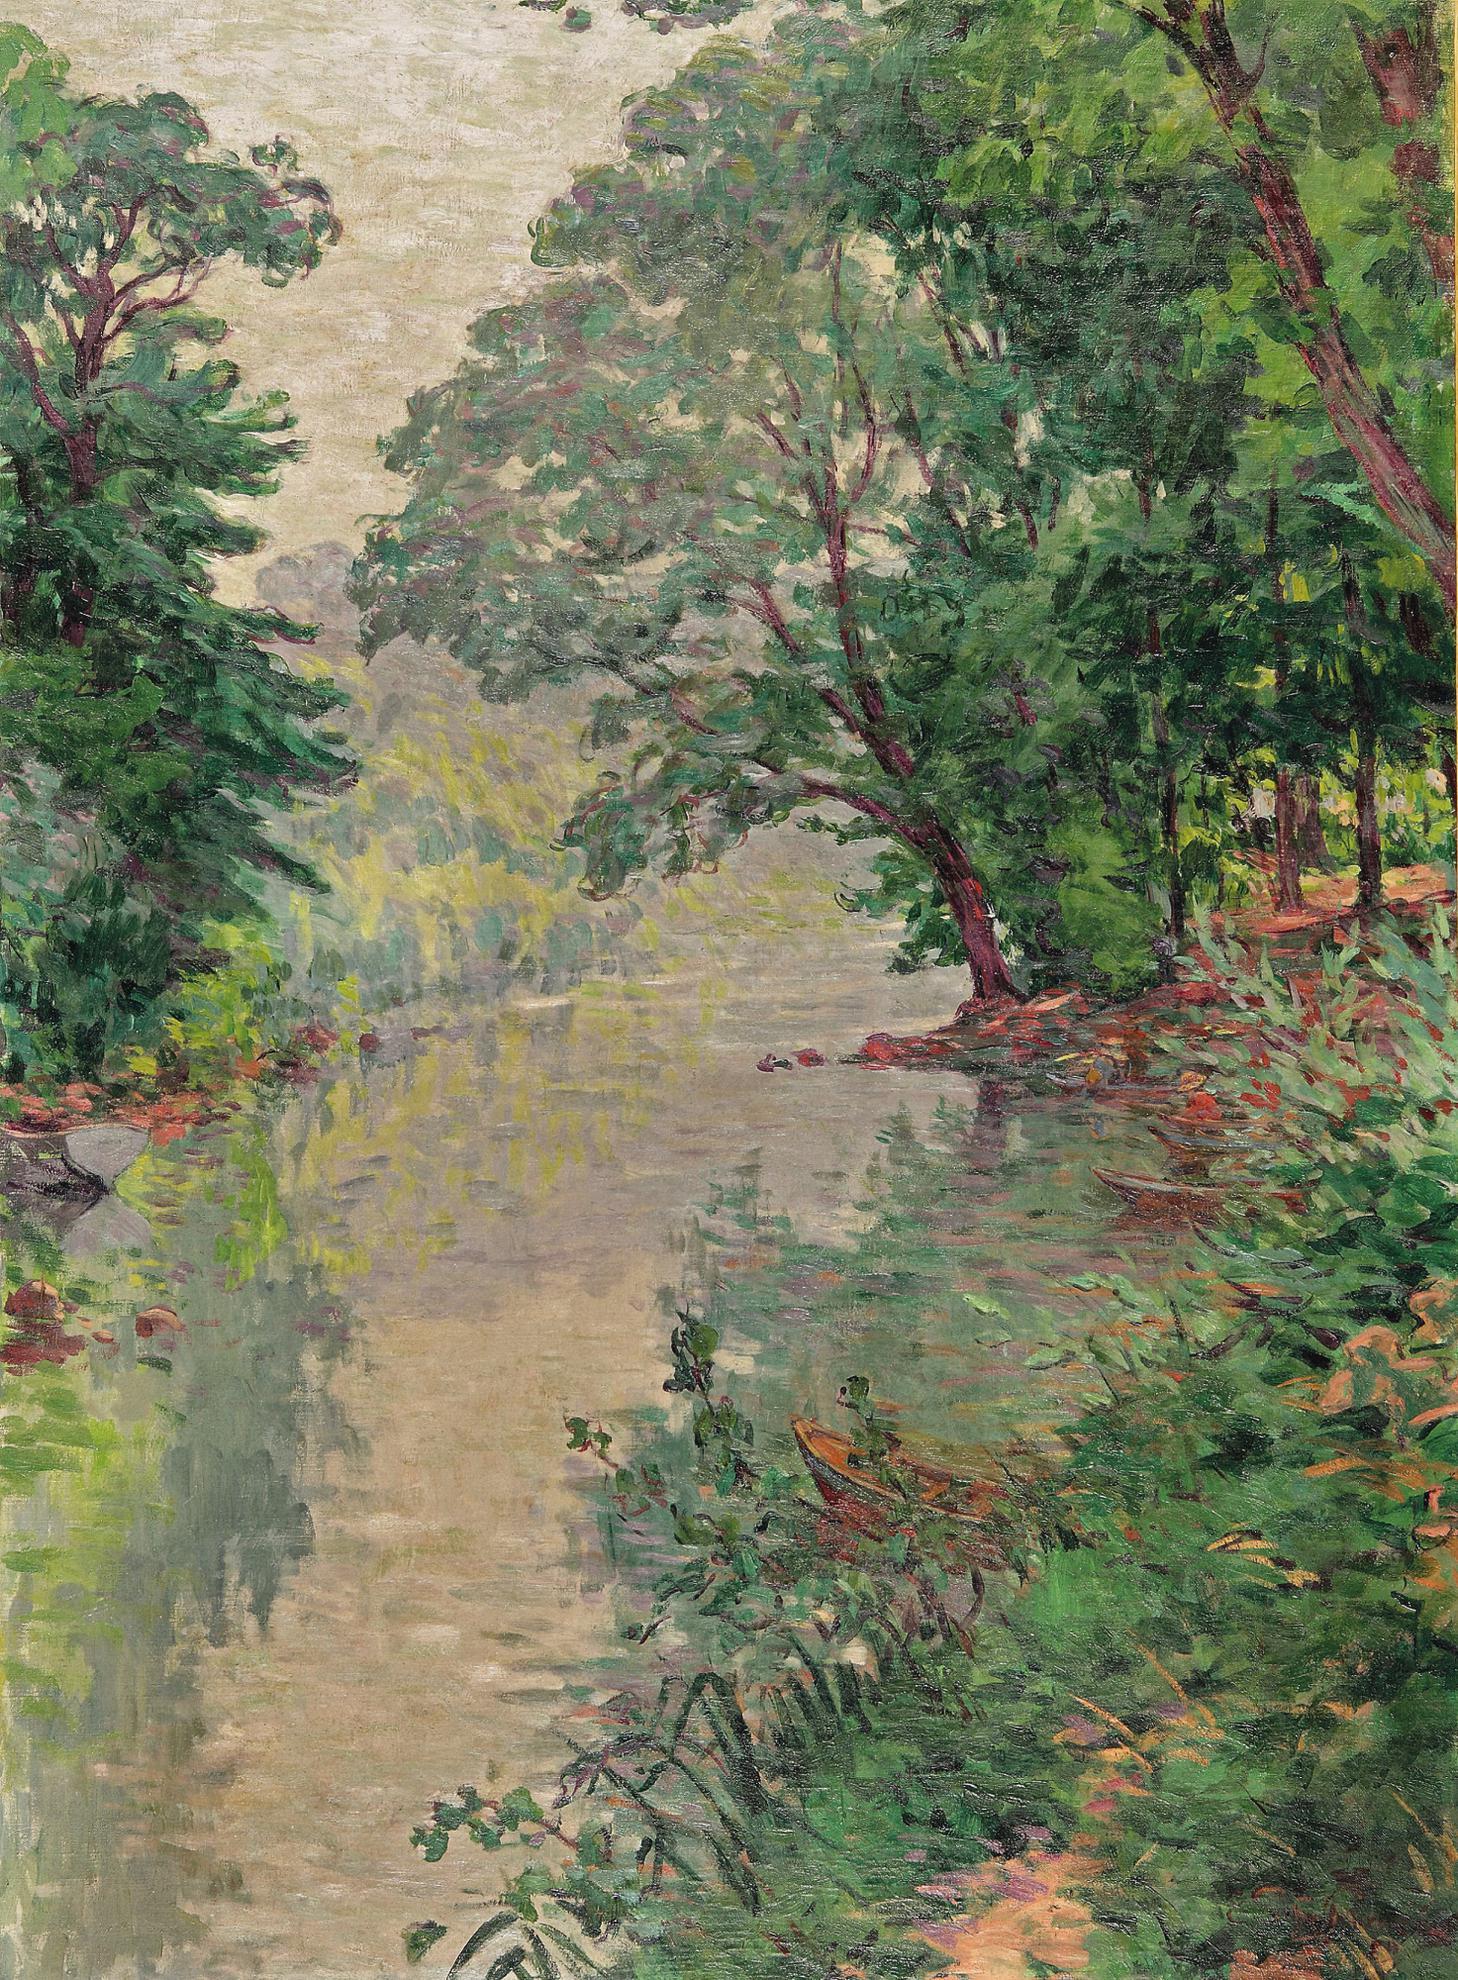 Emile Schuffenecker-Ruisseau Dans La Foret-